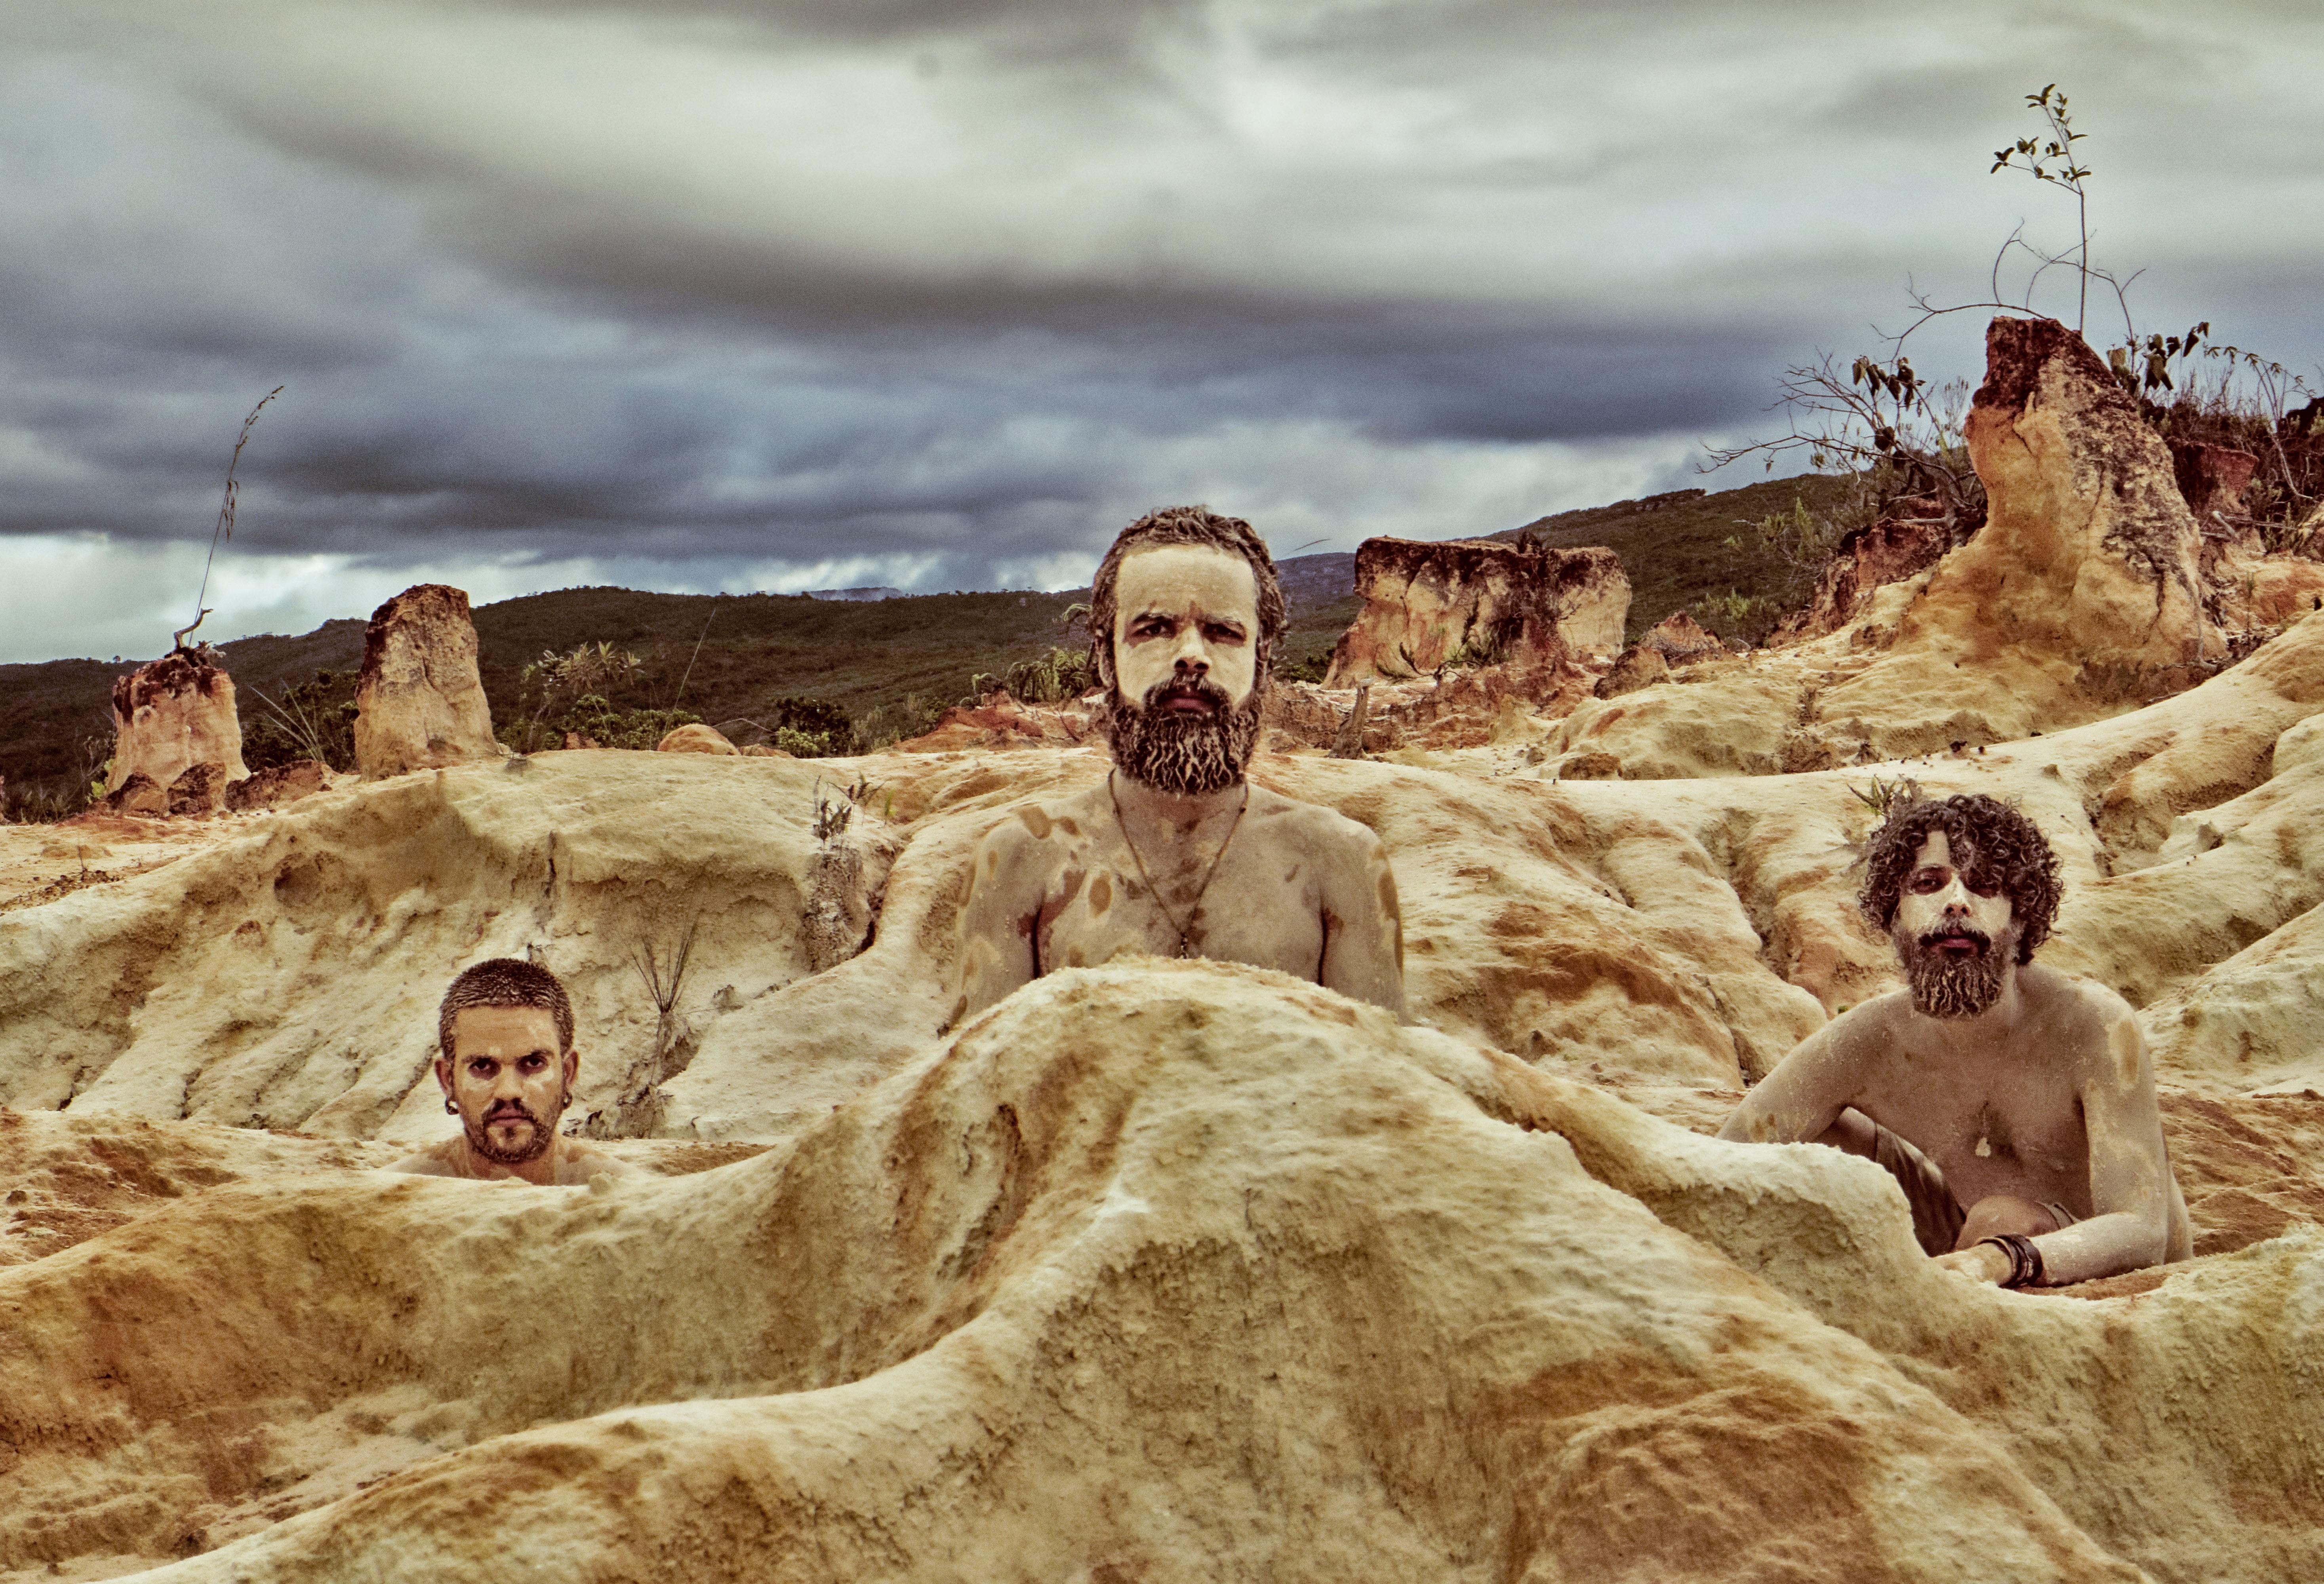 The Baggios faz show em Aracaju para lançar novo CD - Noticias